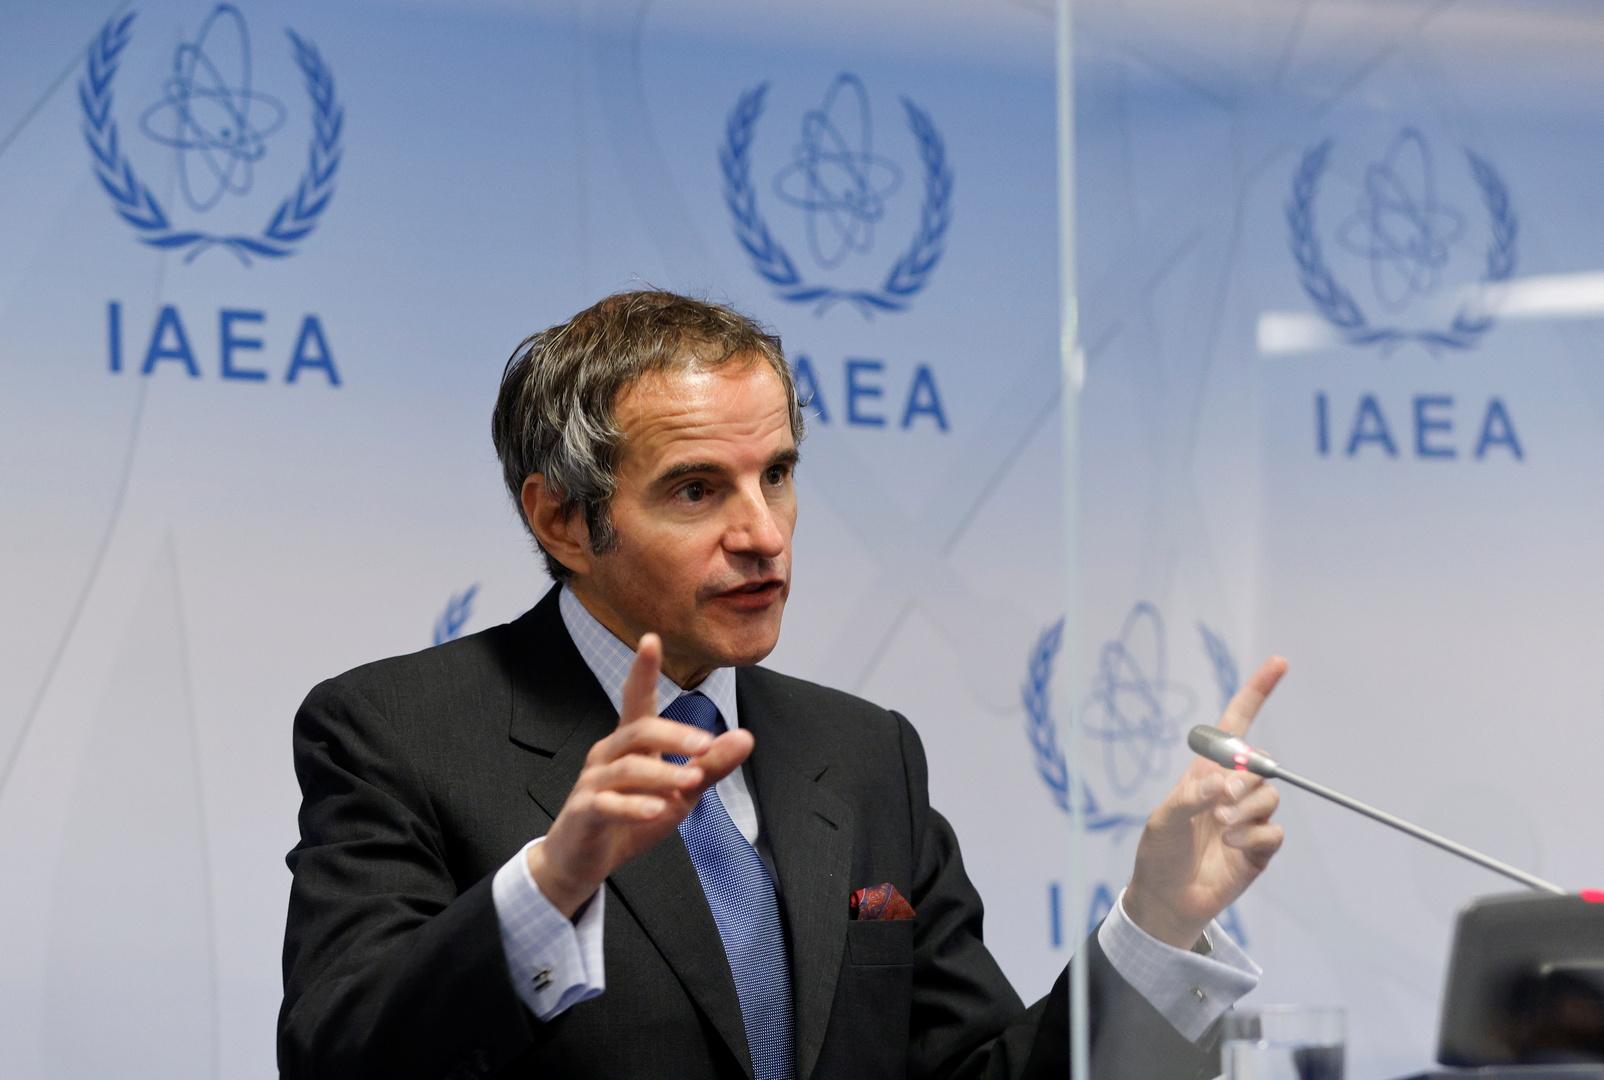 الوكالة الدولية للطاقة الذرية: التفاوض على تمديد اتفاق المراقبة مع إيران يزداد صعوبة